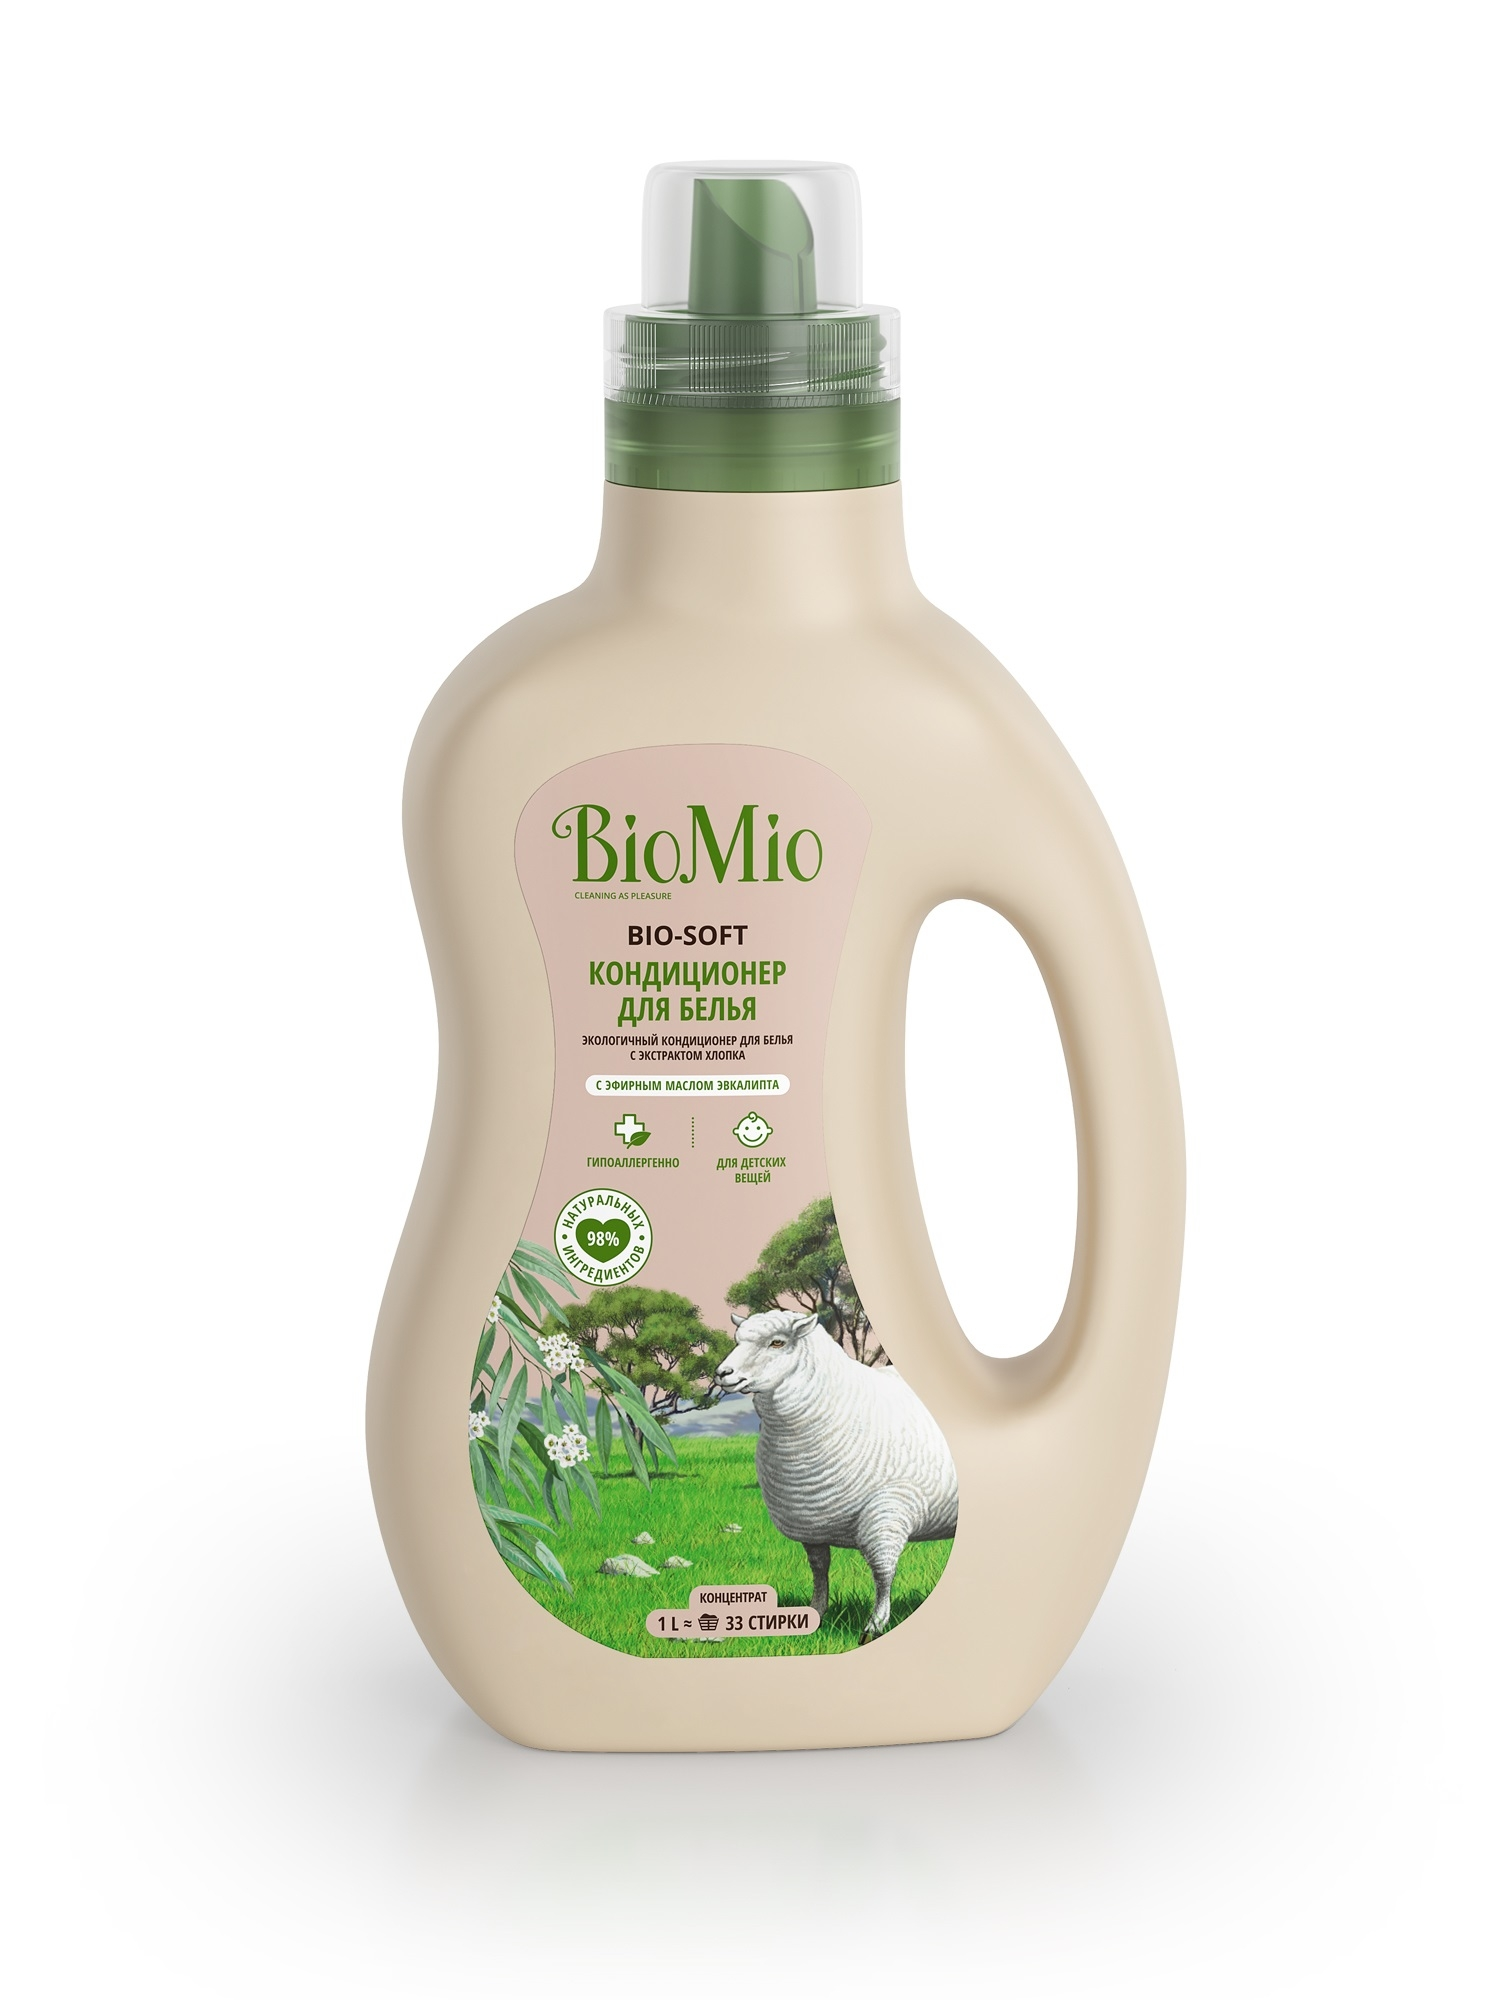 Кондиционер для белья BIO MIO BioMio с эфирным маслом эвкалипта кондиционер для белья экологичный bio mio концентрат bio soft с эфирным маслом корицы 1 5л